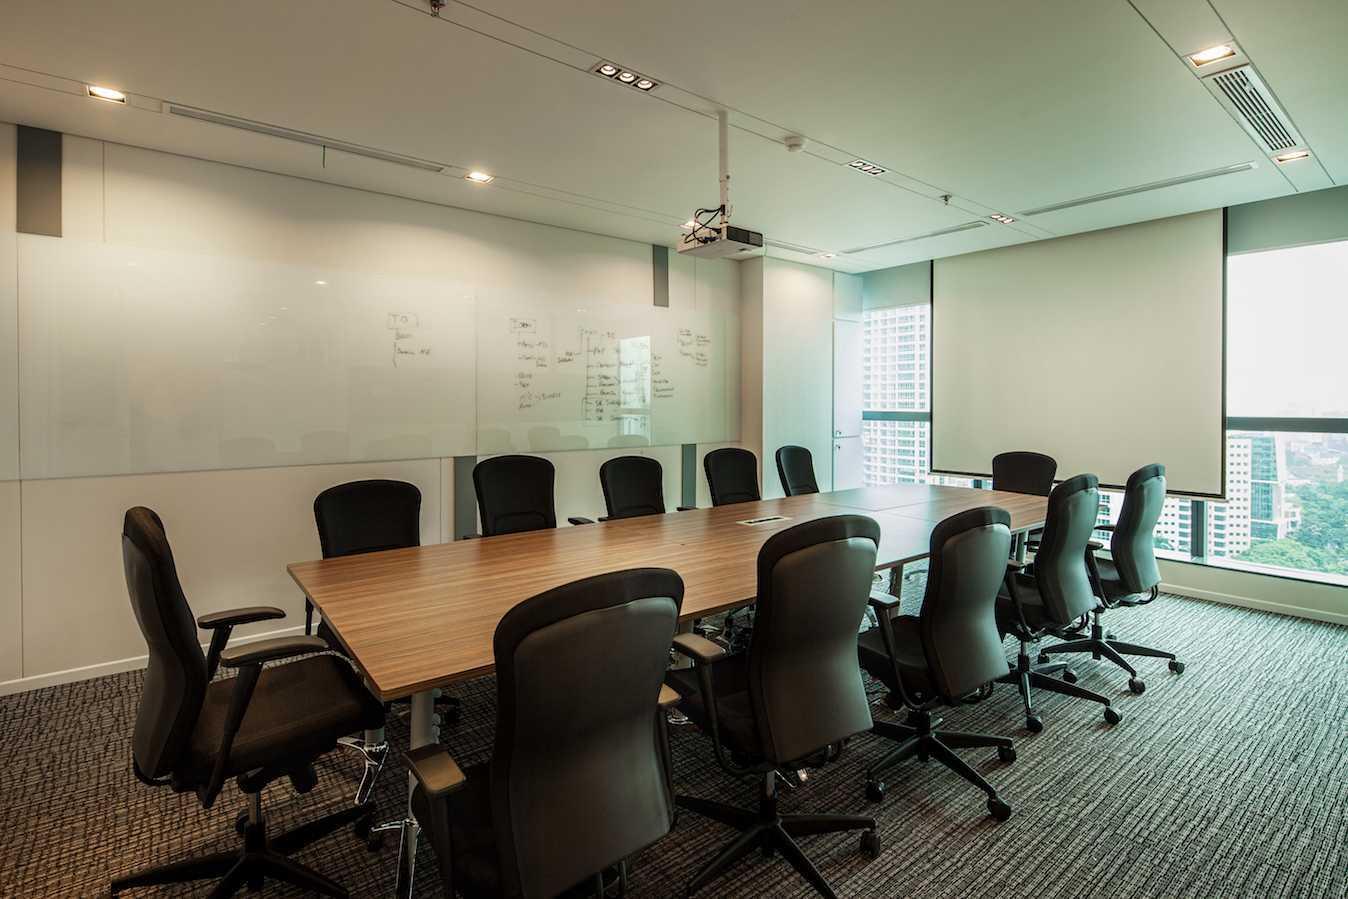 Foto inspirasi ide desain ruang meeting skandinavia Meeting room oleh PT Asa Adiguna di Arsitag